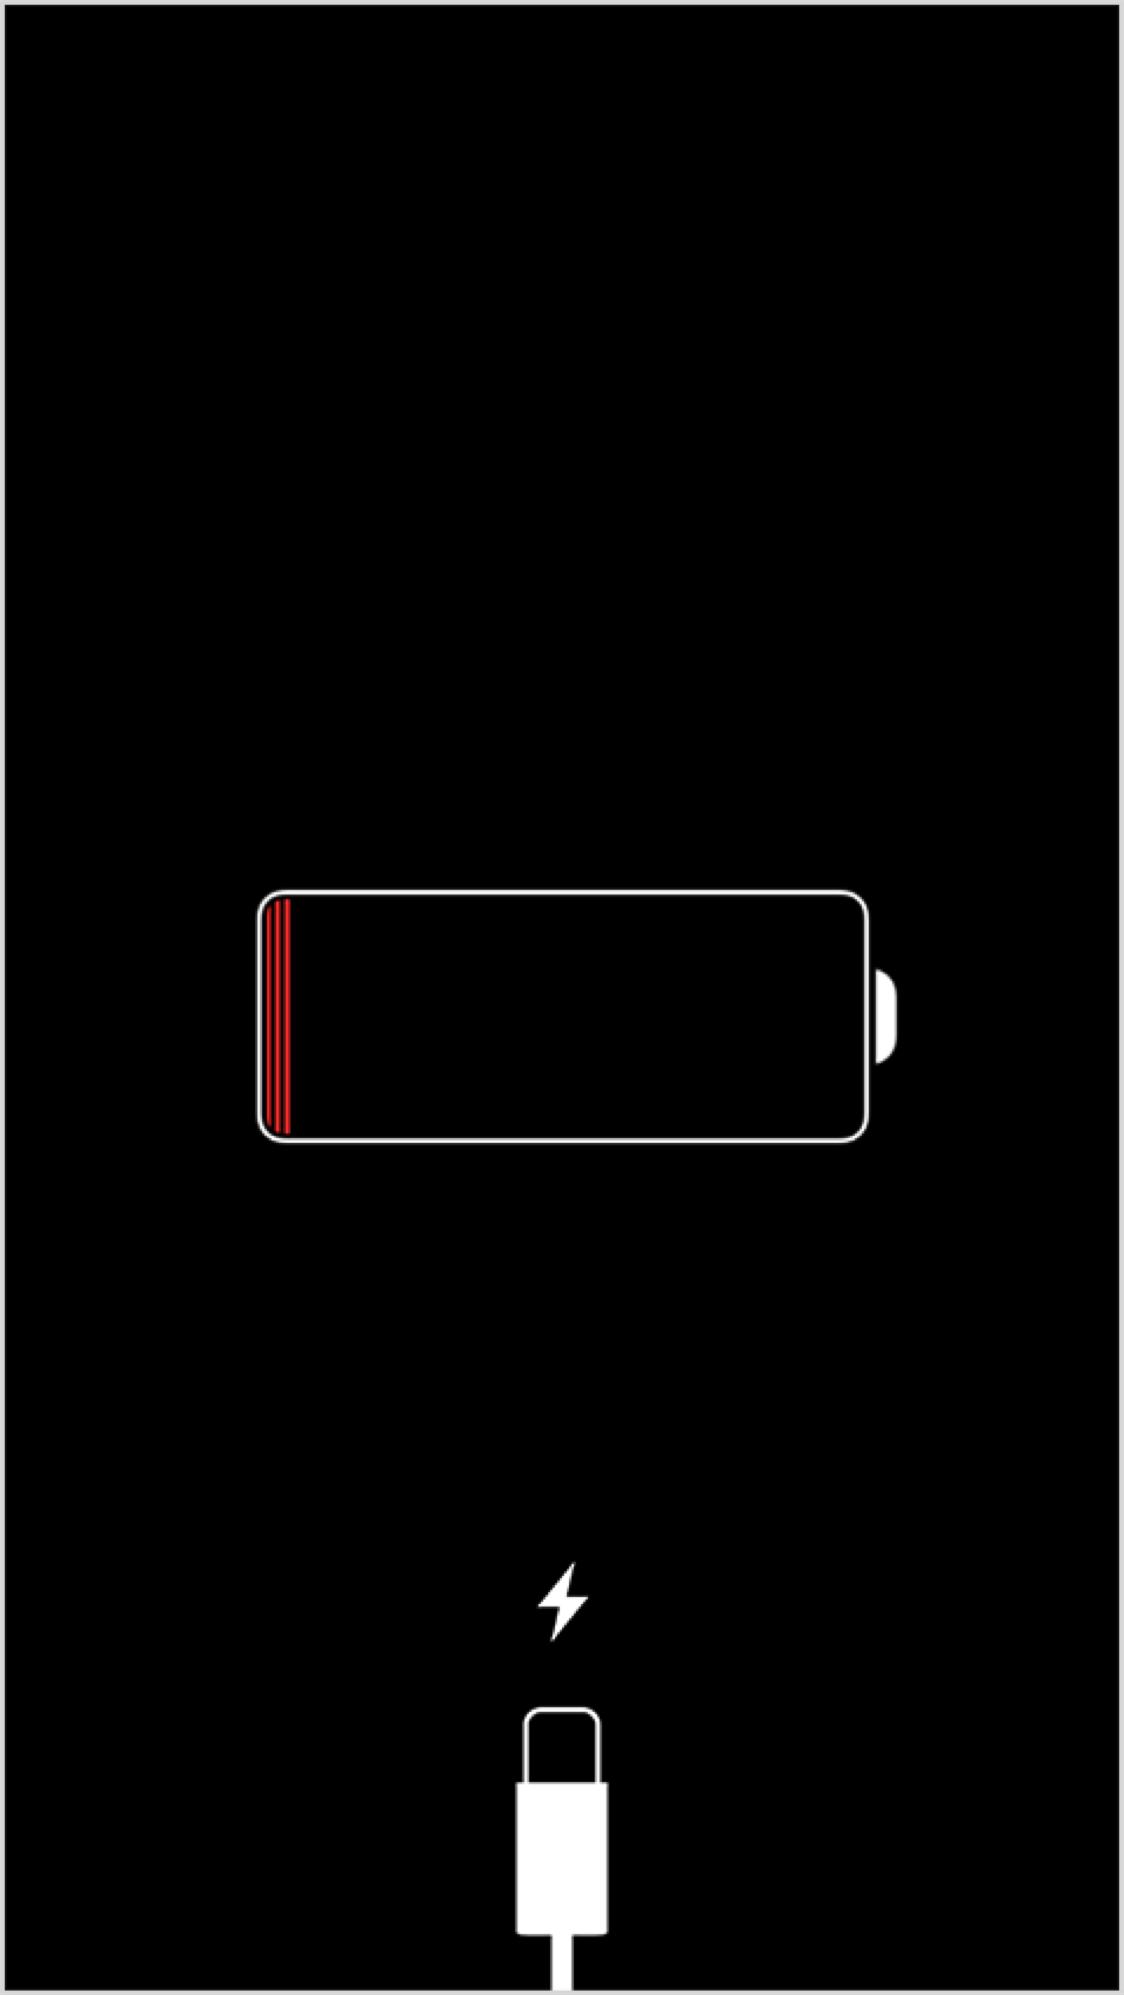 iPhone полностью разряжен